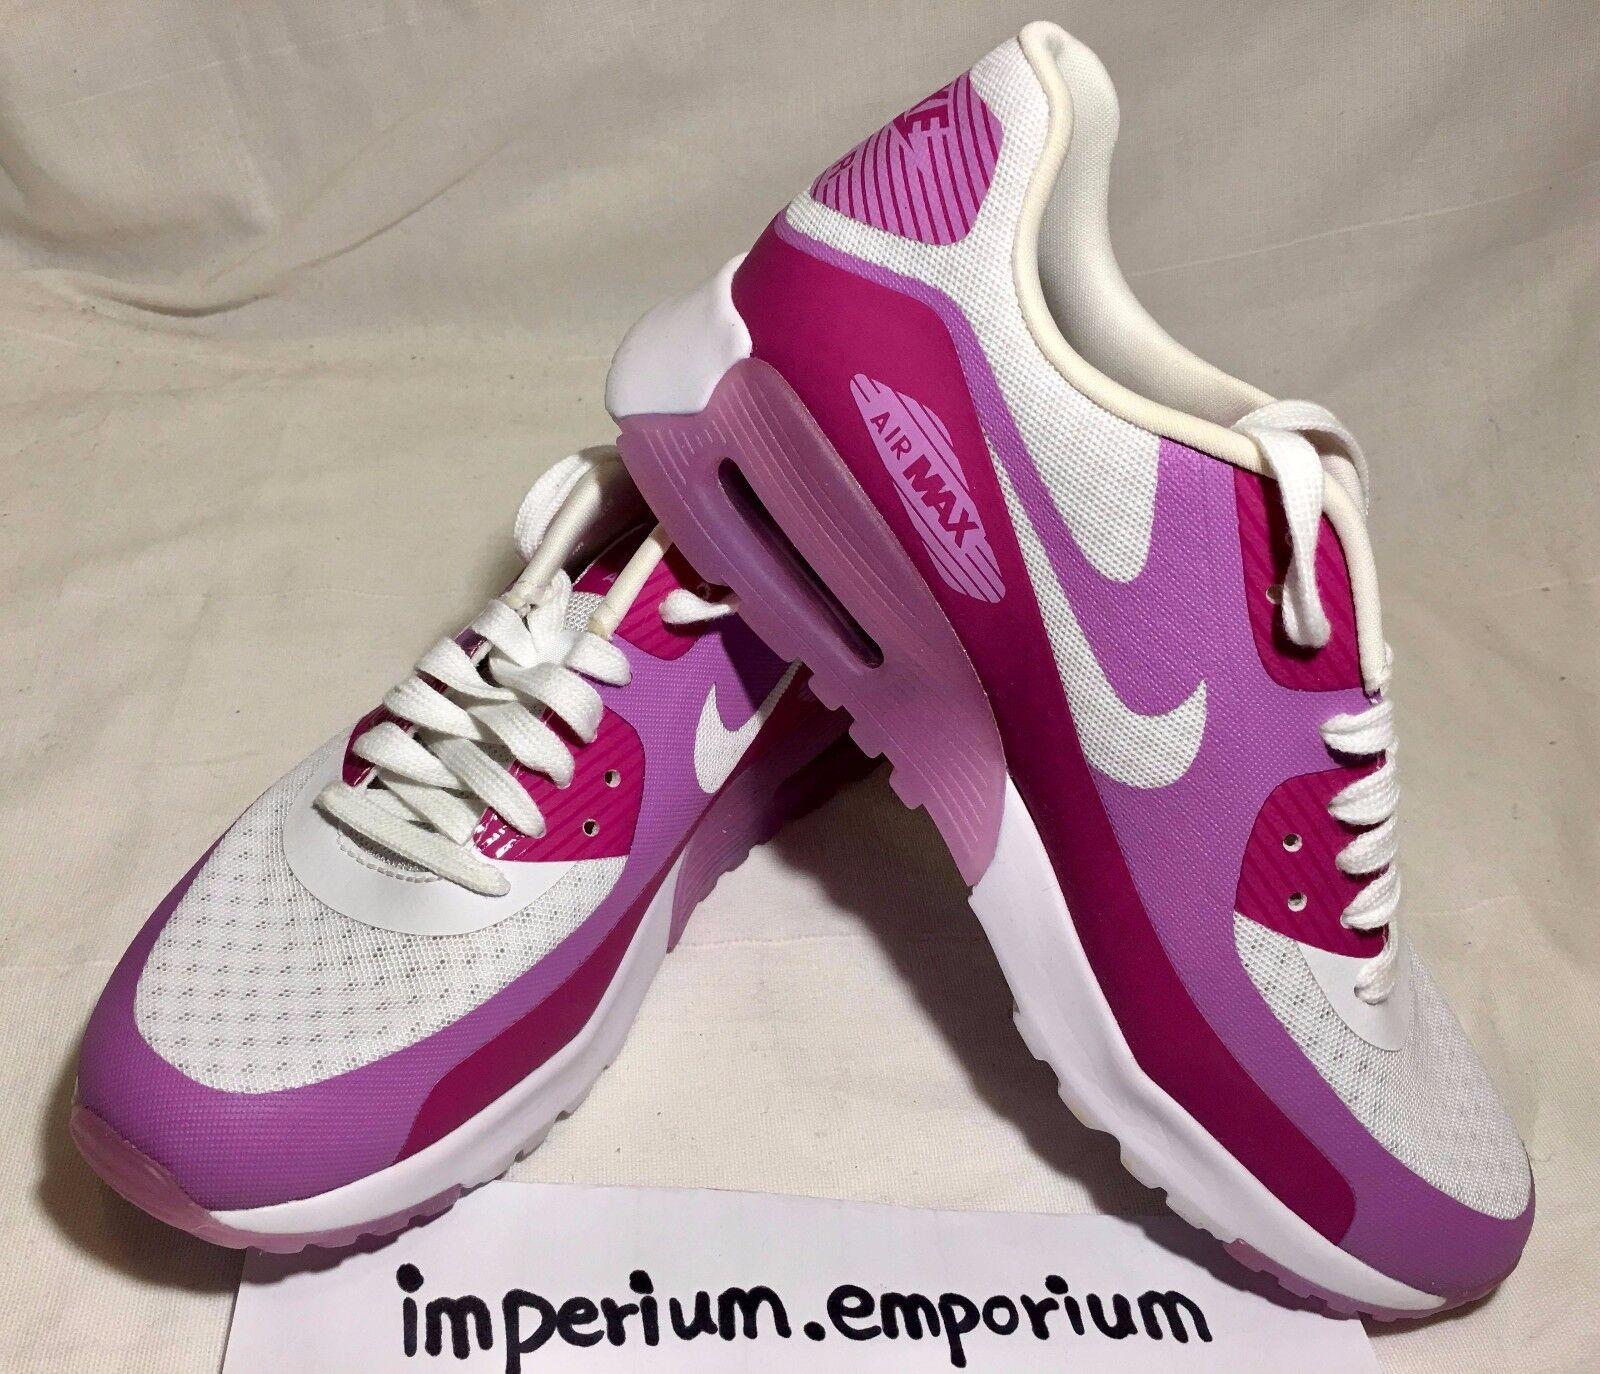 Nike Women's Air Air Air Max 90 BR White Pink Trainers Size 7c35b4